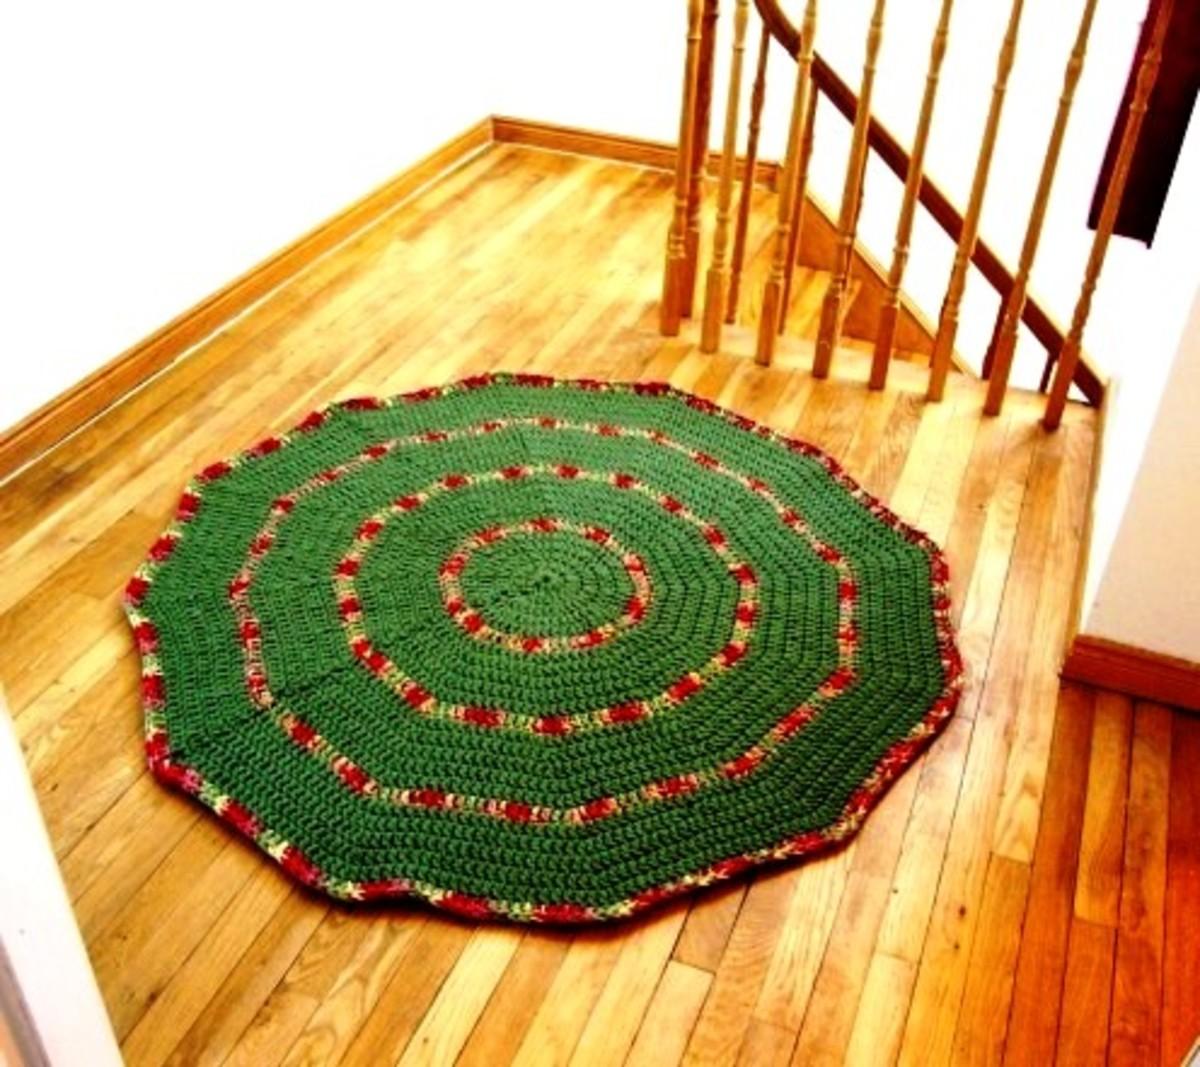 Crochet Rug on Landing